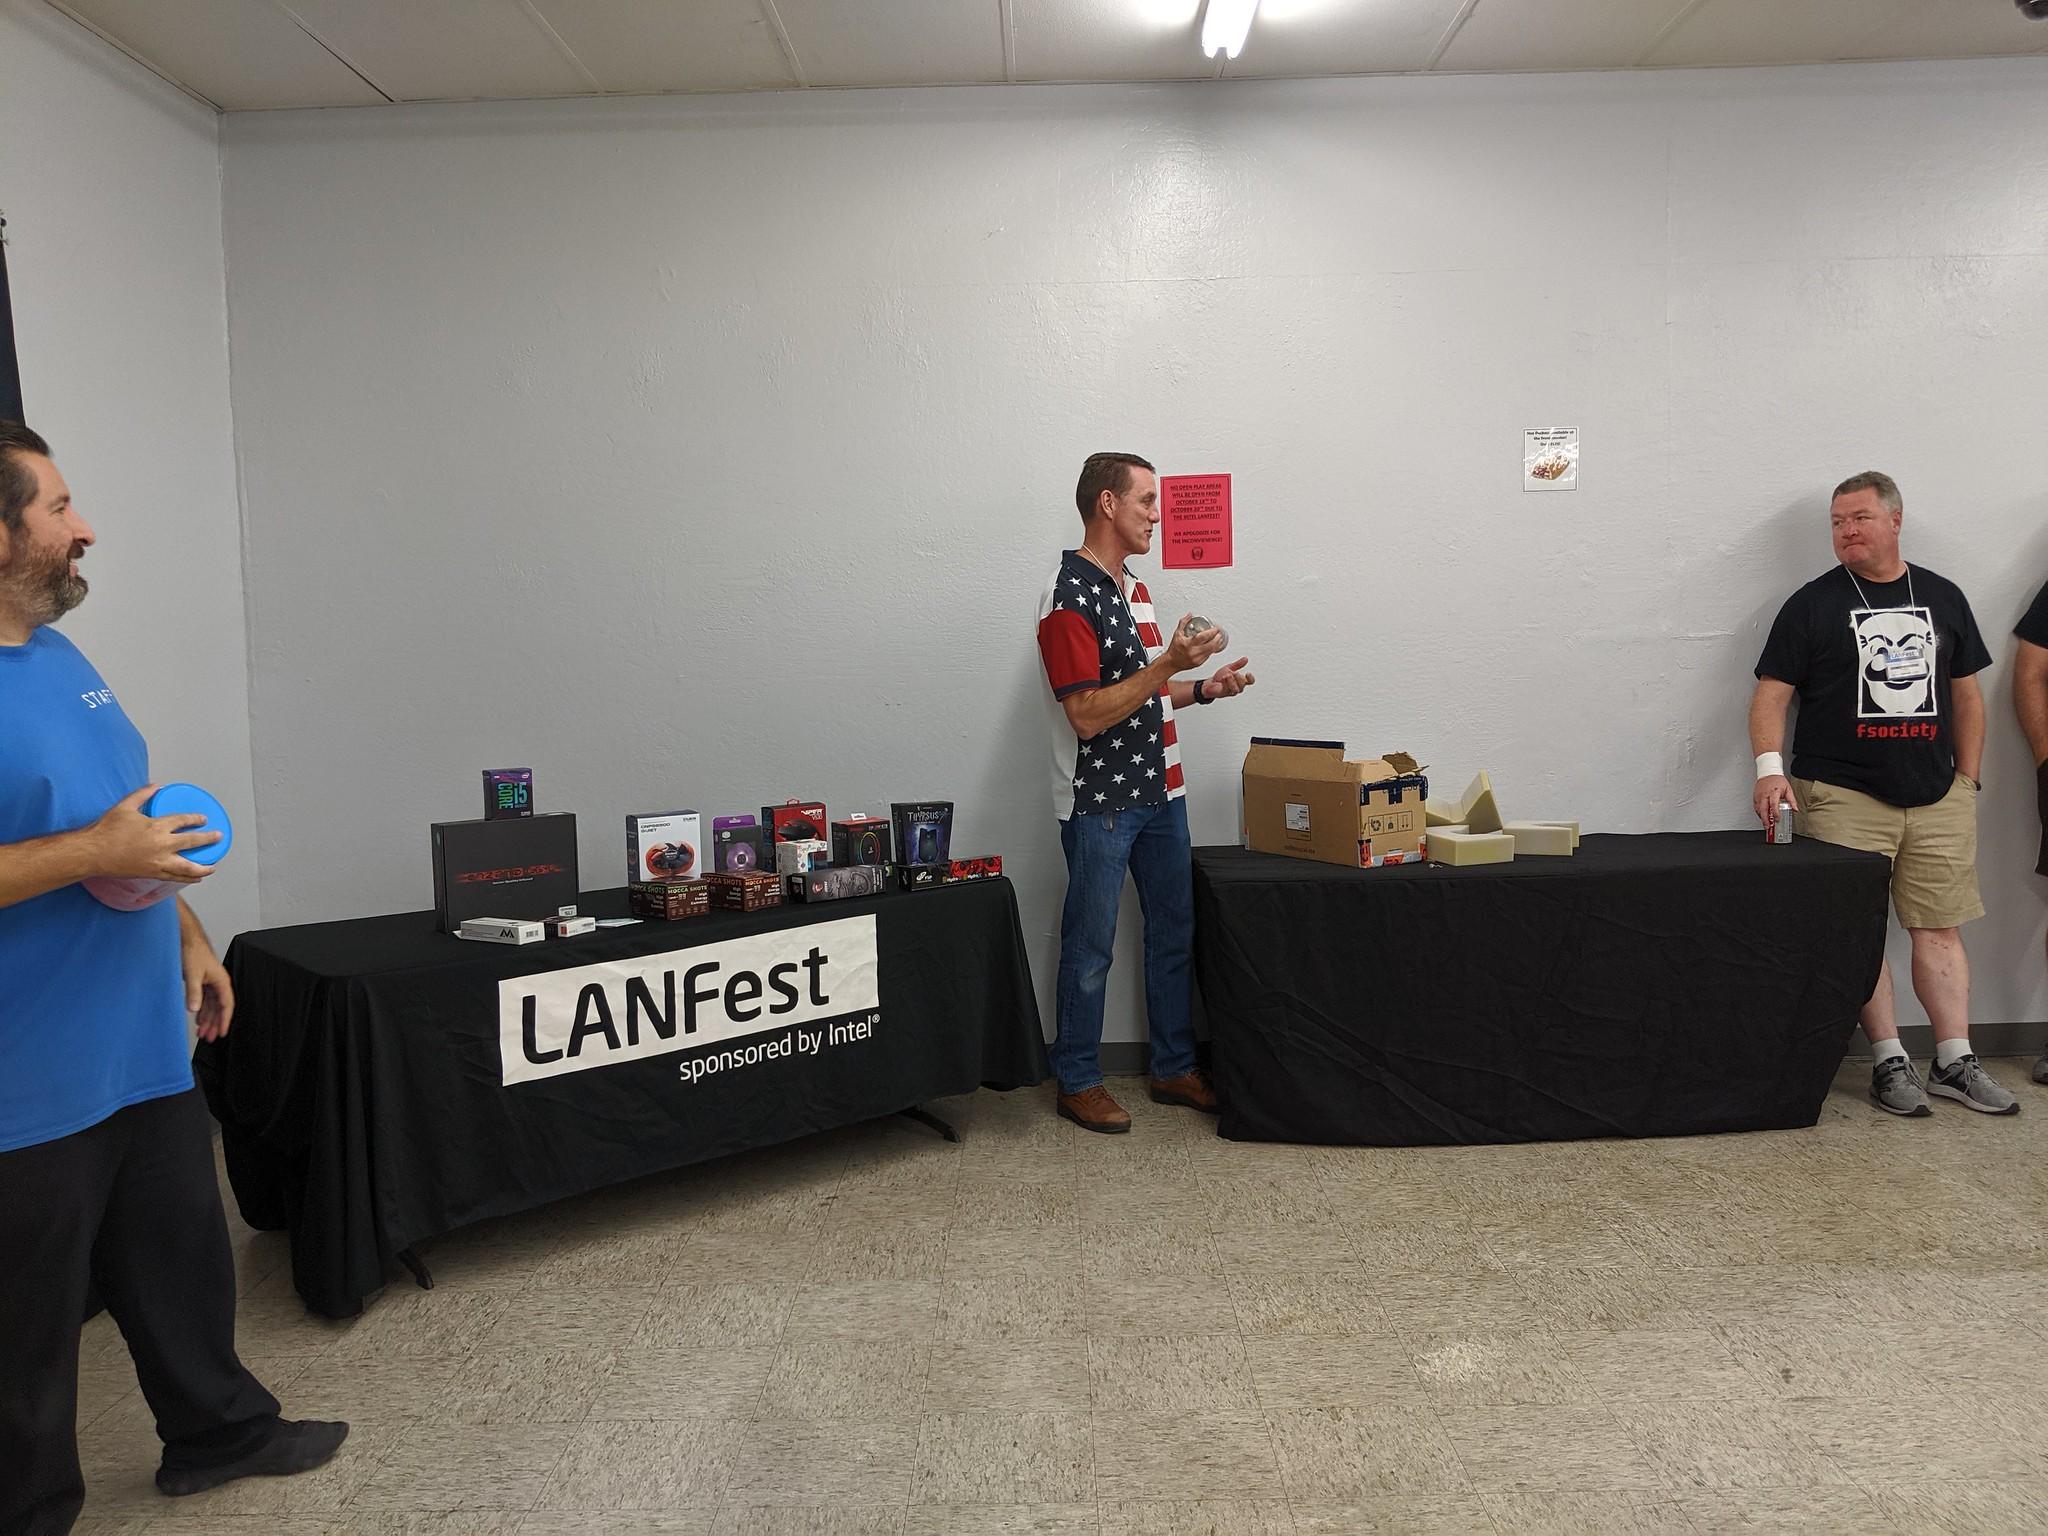 GEL 9 LANFest prizetable